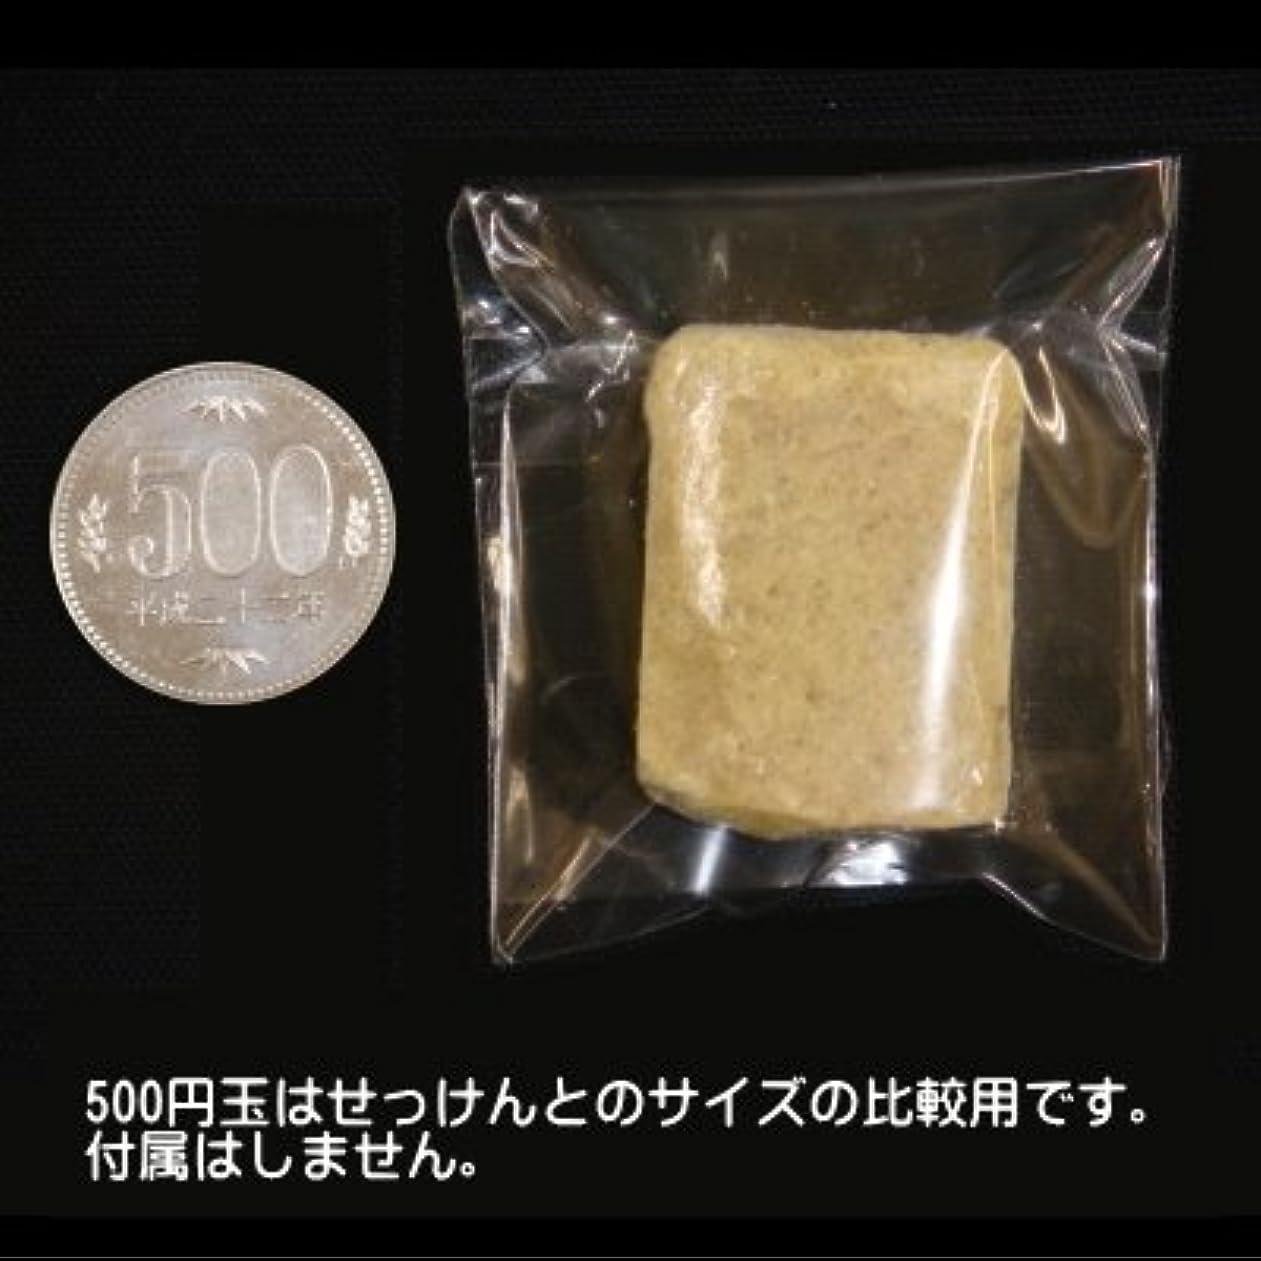 政府天井装備する緑茶ノニ石鹸 てづくり野にせっけんお試し用12g(無添加石鹸)